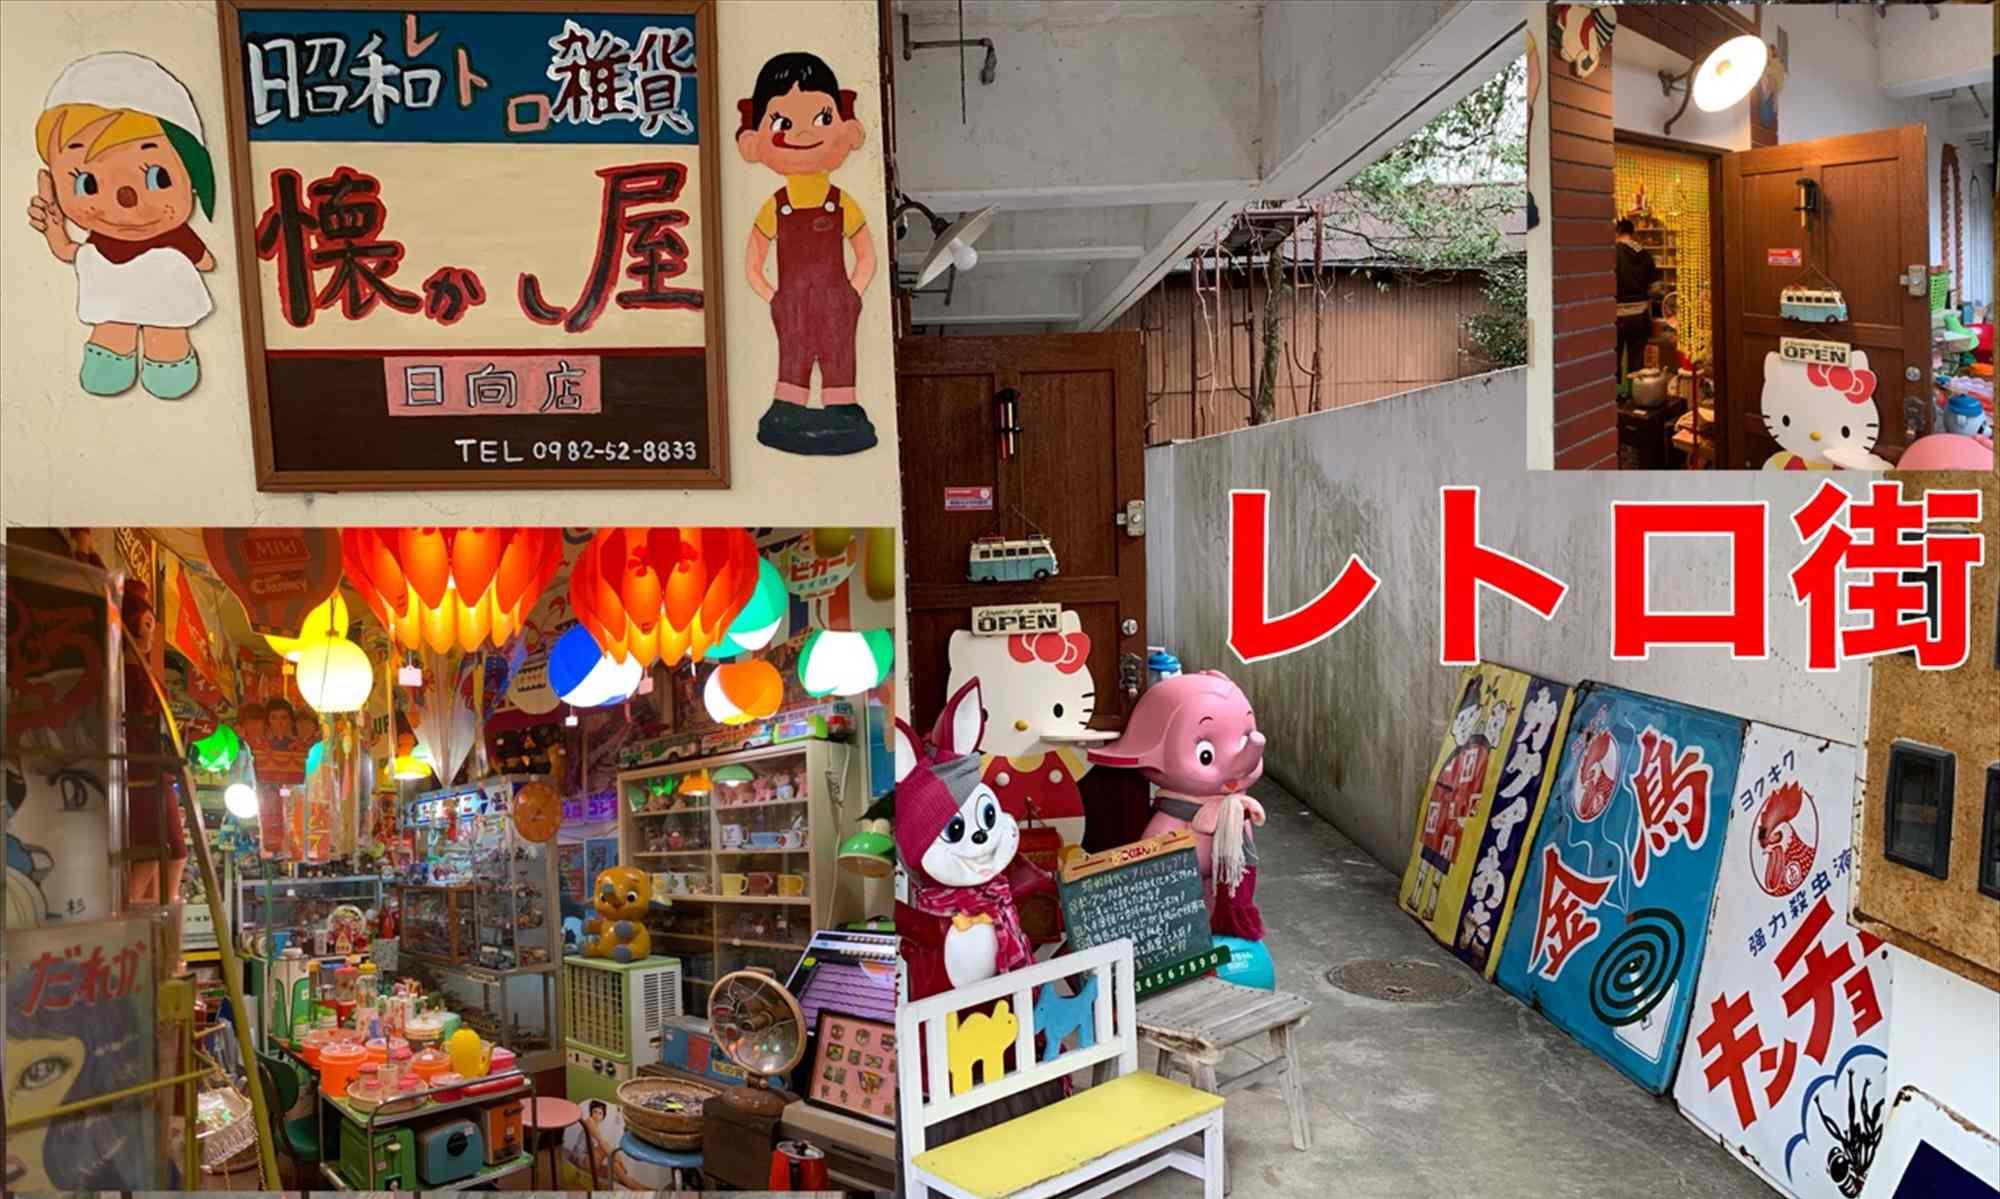 安斎ビル 富高駅前 昭和レトロストリート 隠れ家ショップでつかまえて